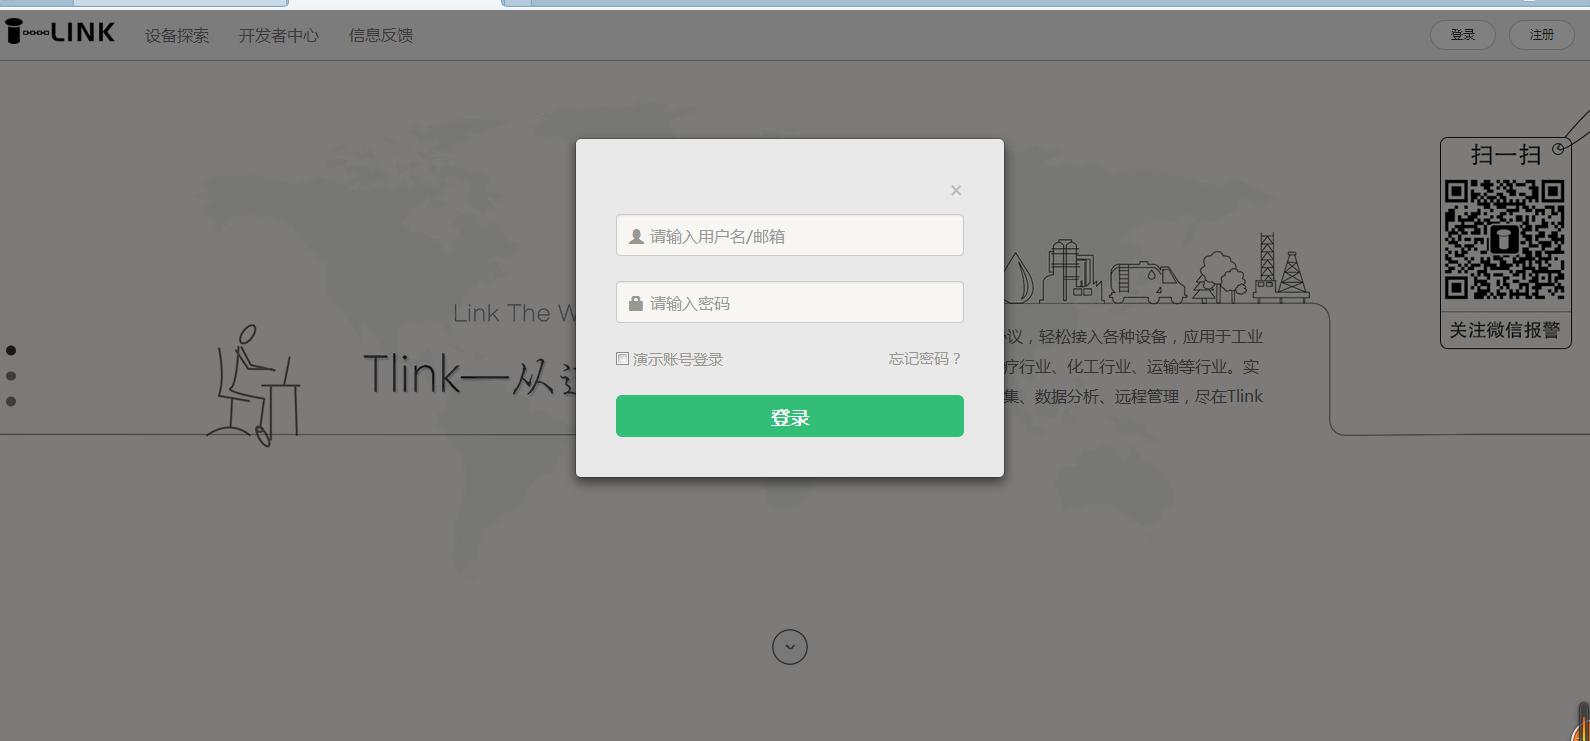 物联网平台登录界面图